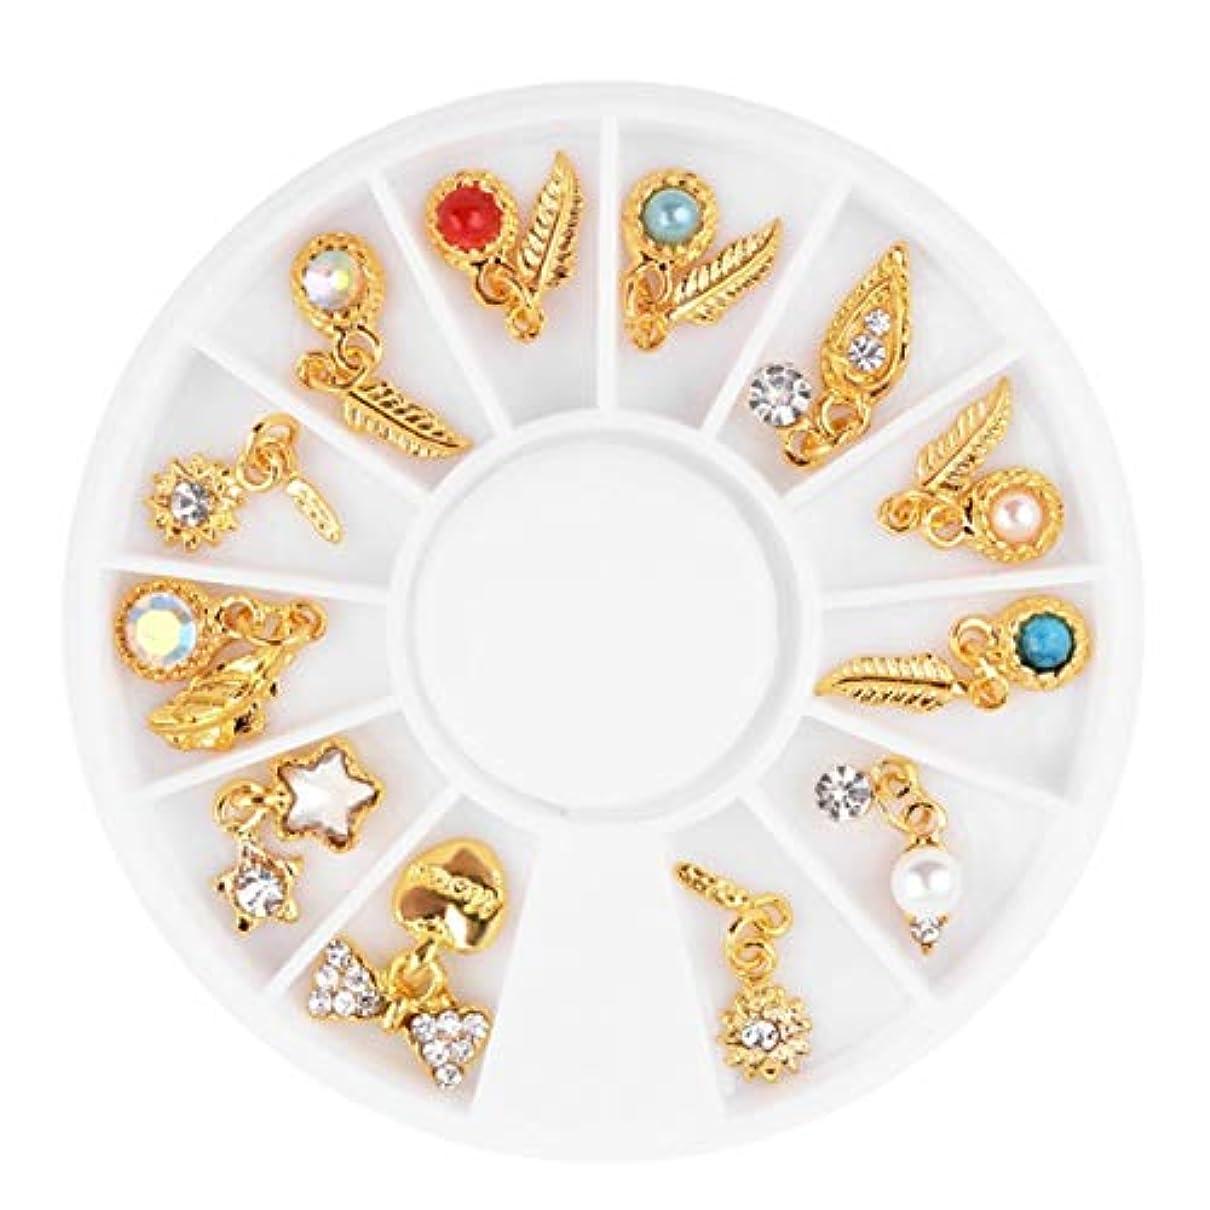 スイング不合格拒絶するQuzama-JS よく作られた釘芸術3 D混合形ラインストーン宝石石装飾合金宝石ディスクタッセルペンダント葉羽ターンテーブル(None Picture Color)